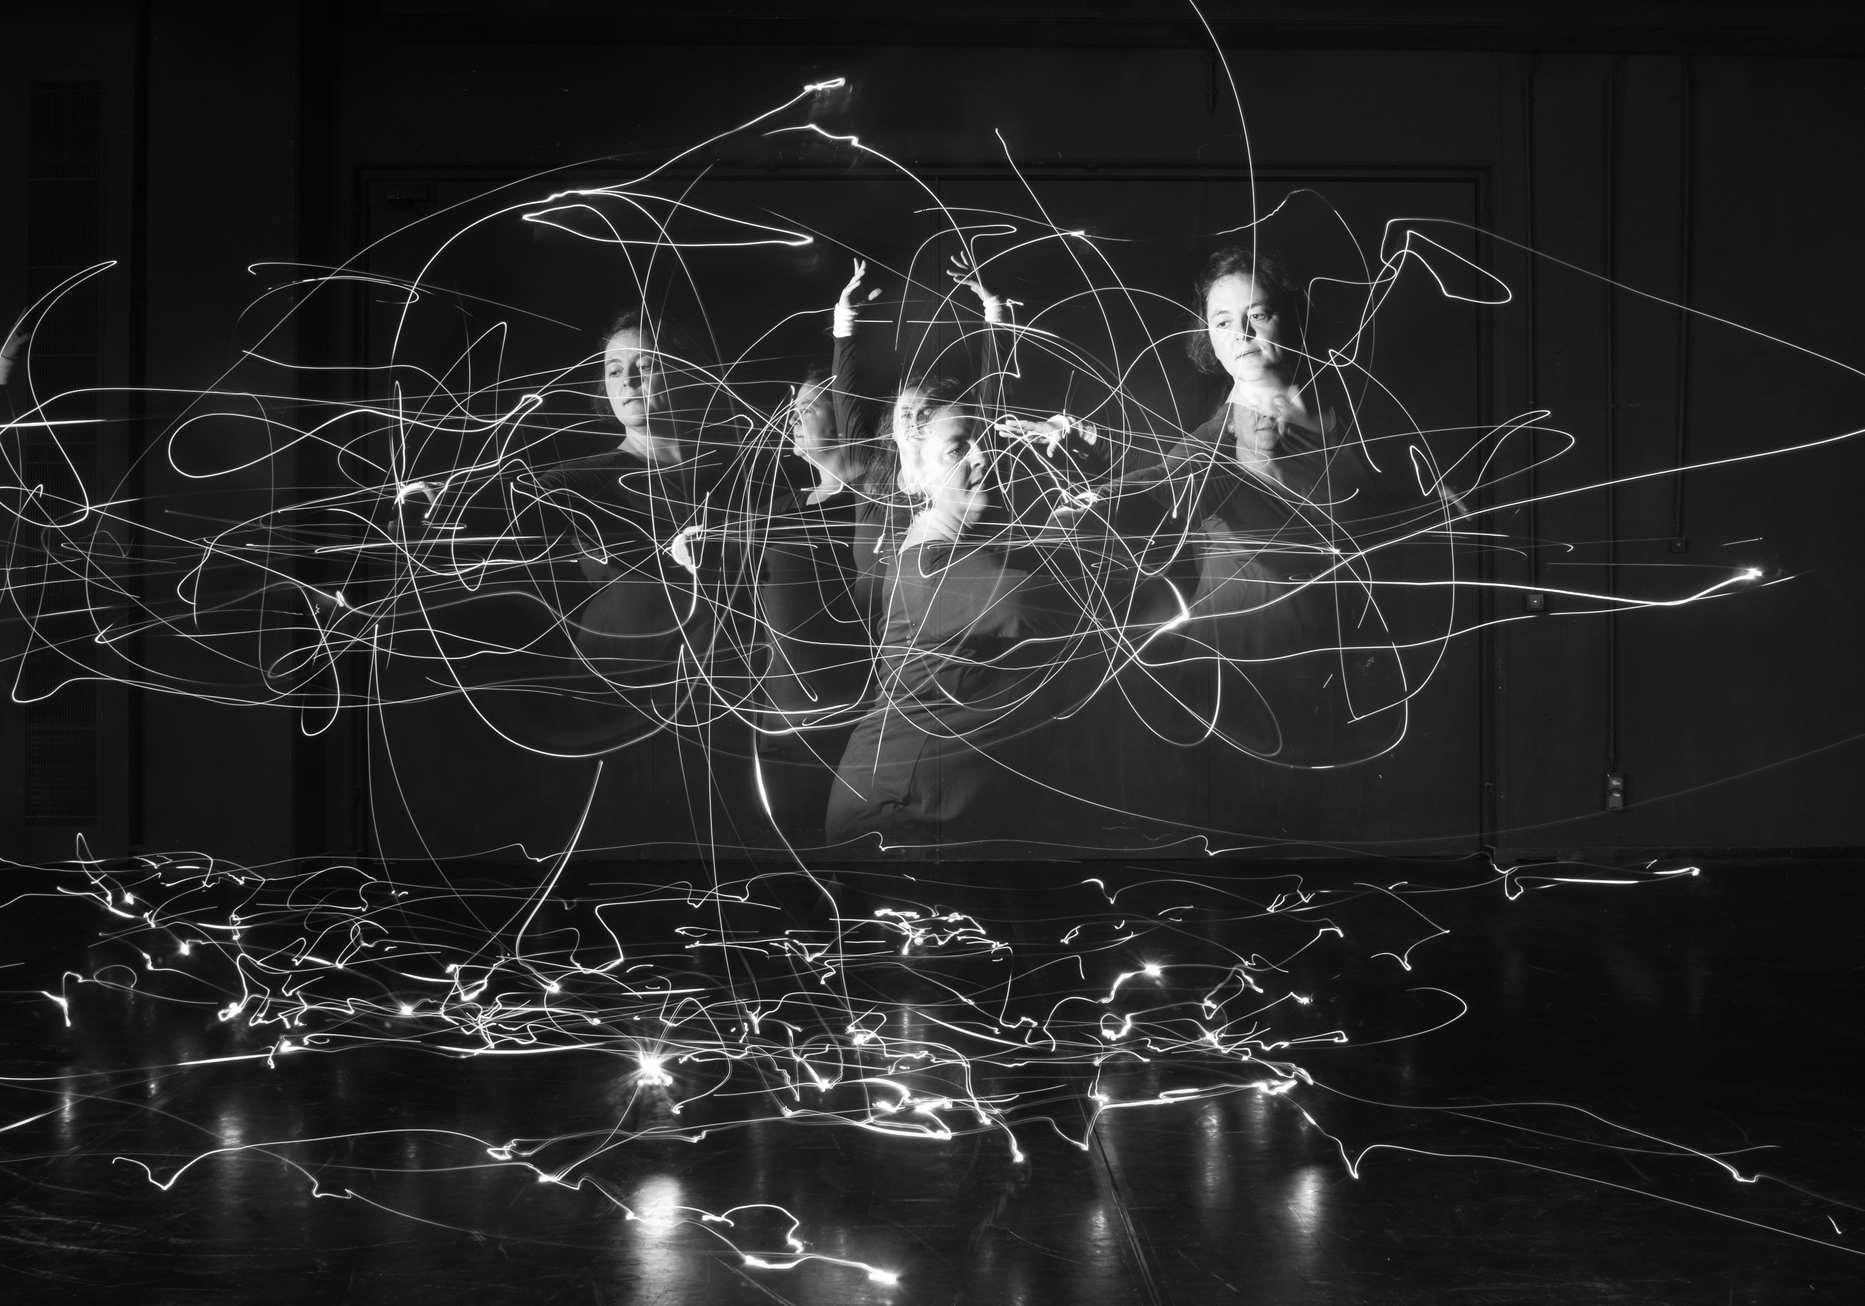 tracking-dance-improvisation-schwanensee-1865x1305px